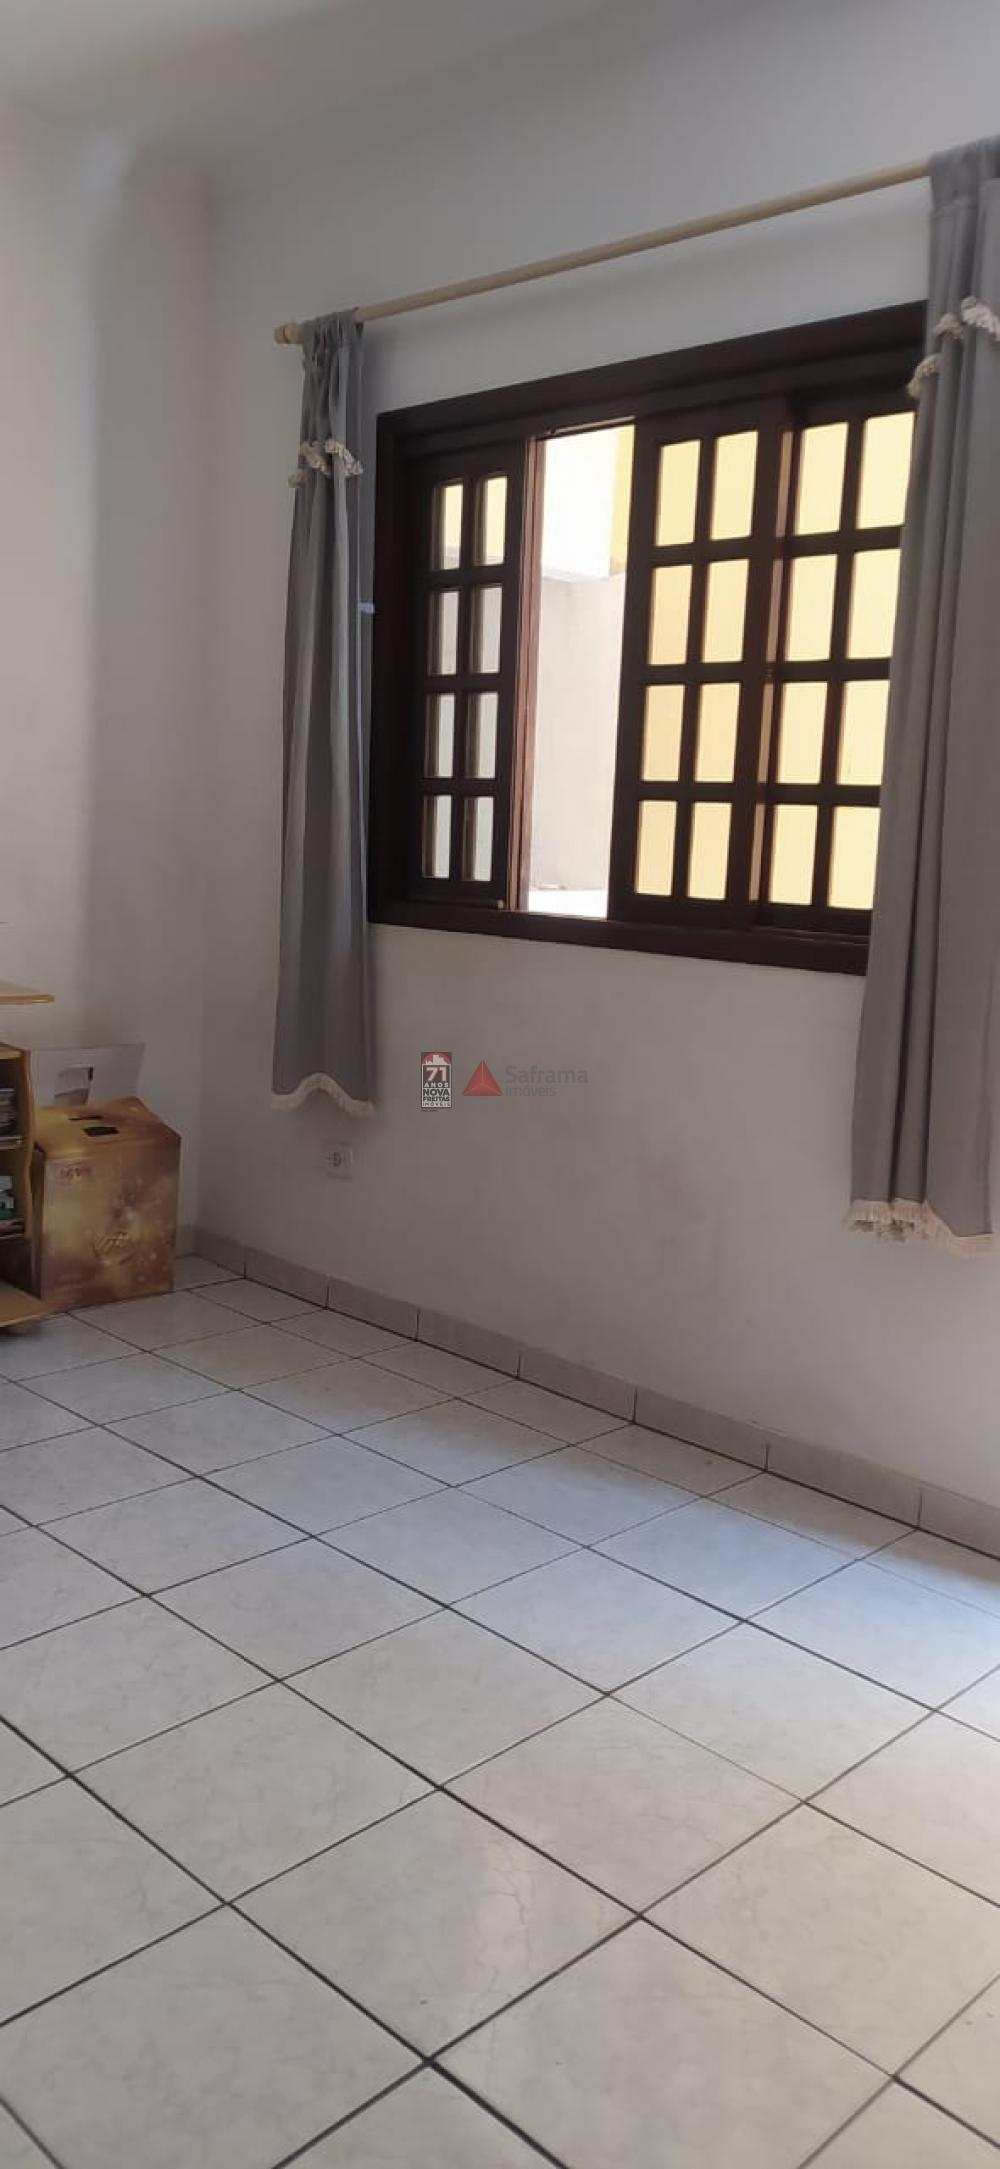 Comprar Casa / Padrão em São José dos Campos apenas R$ 276.000,00 - Foto 4